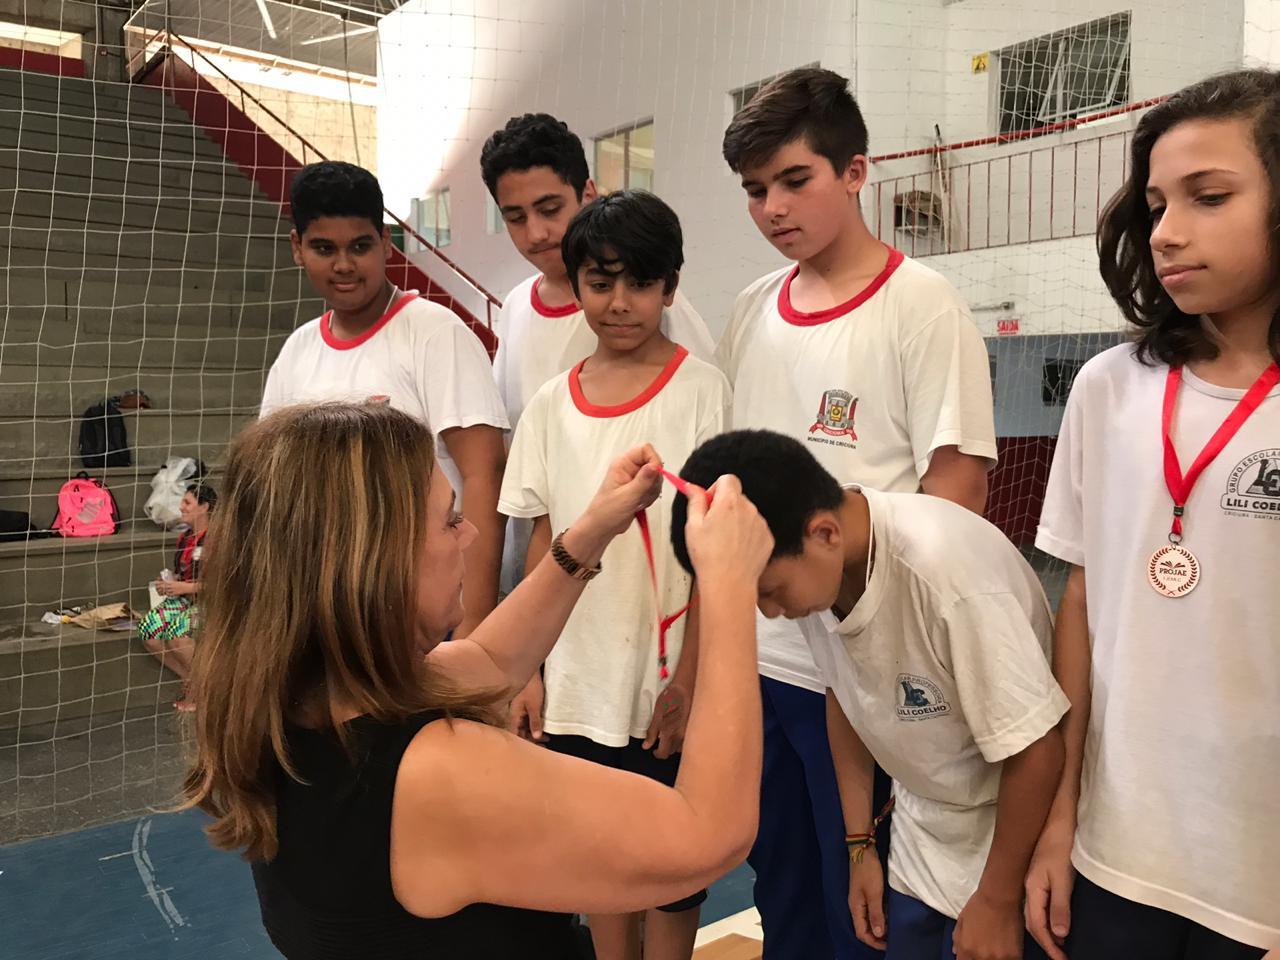 Prefeitura Municipal de Criciúma - Jemec premia vencedores no último dia de competições